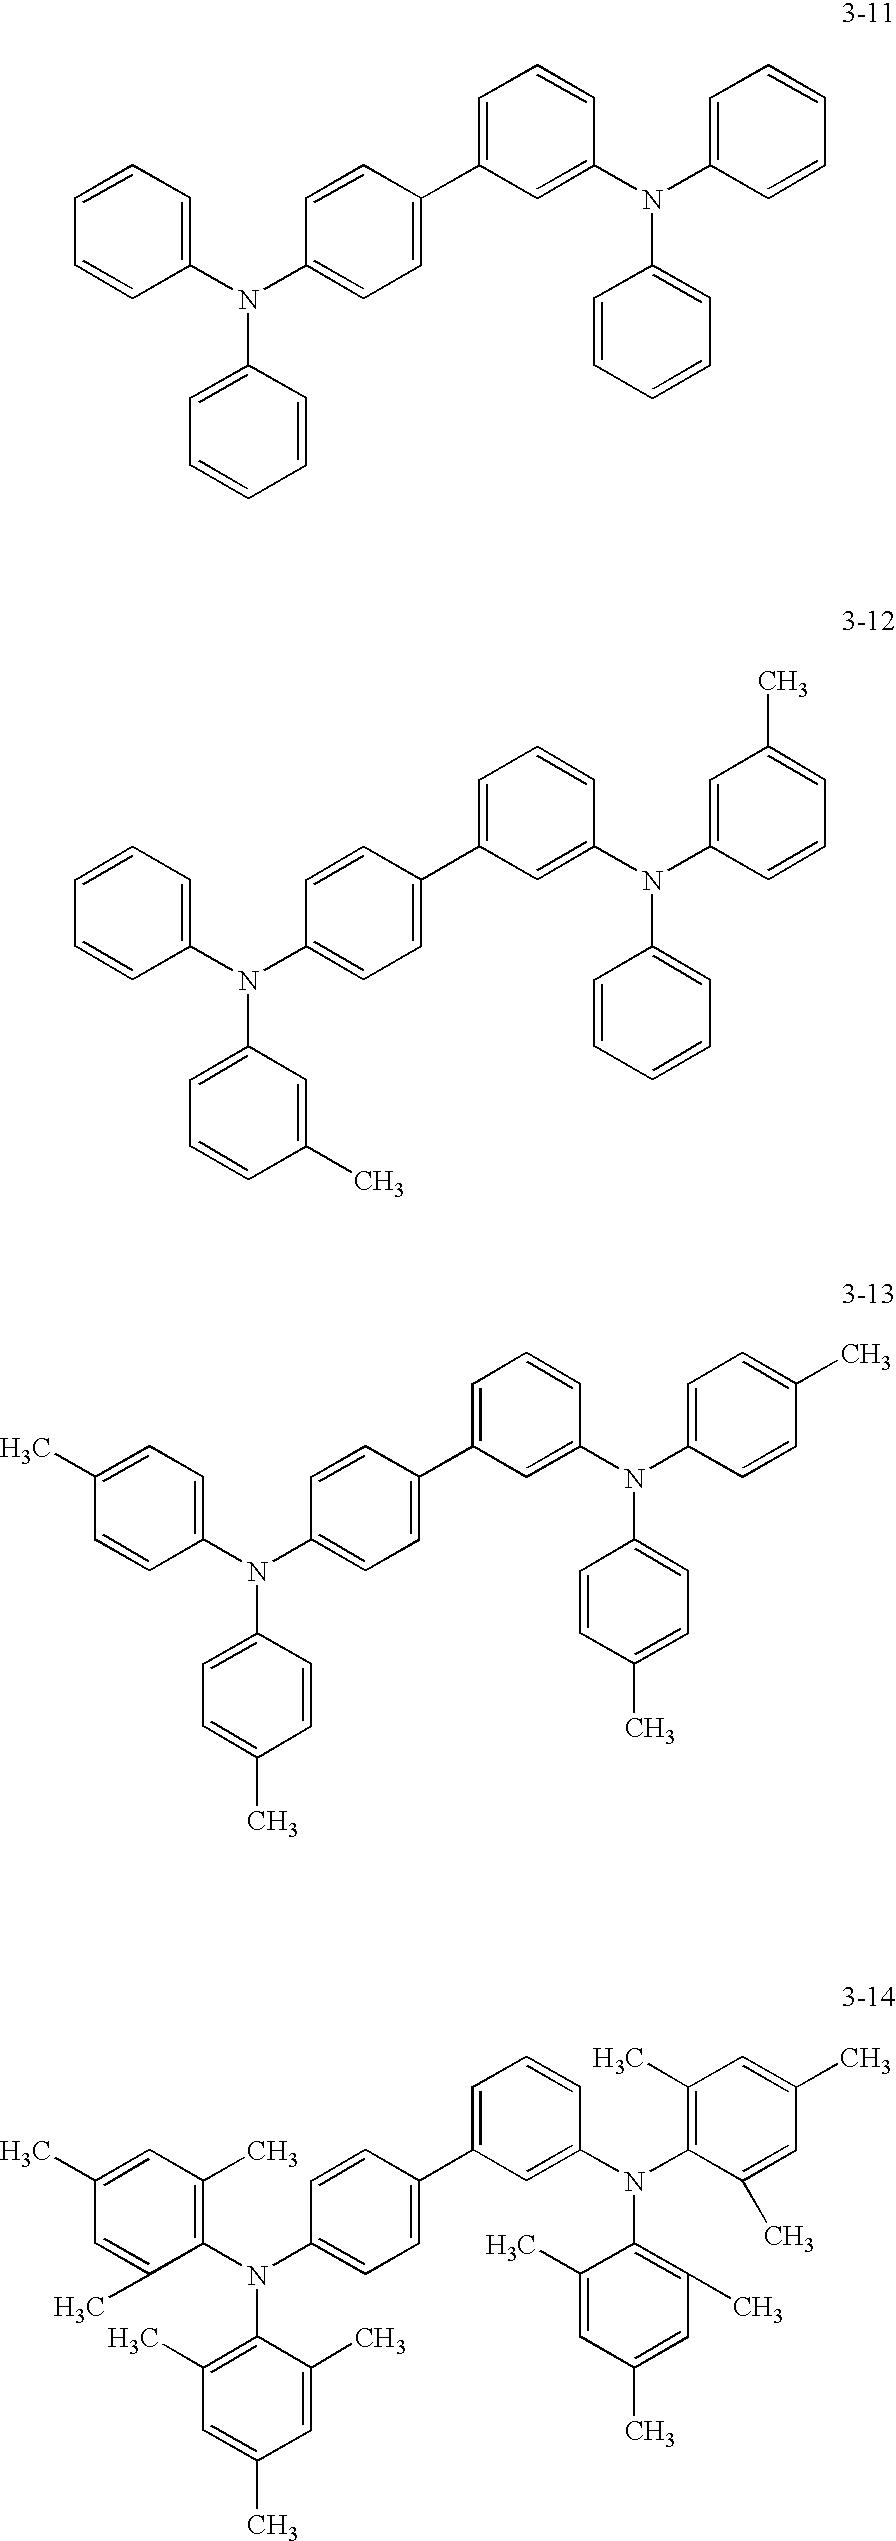 Figure US06750608-20040615-C00010